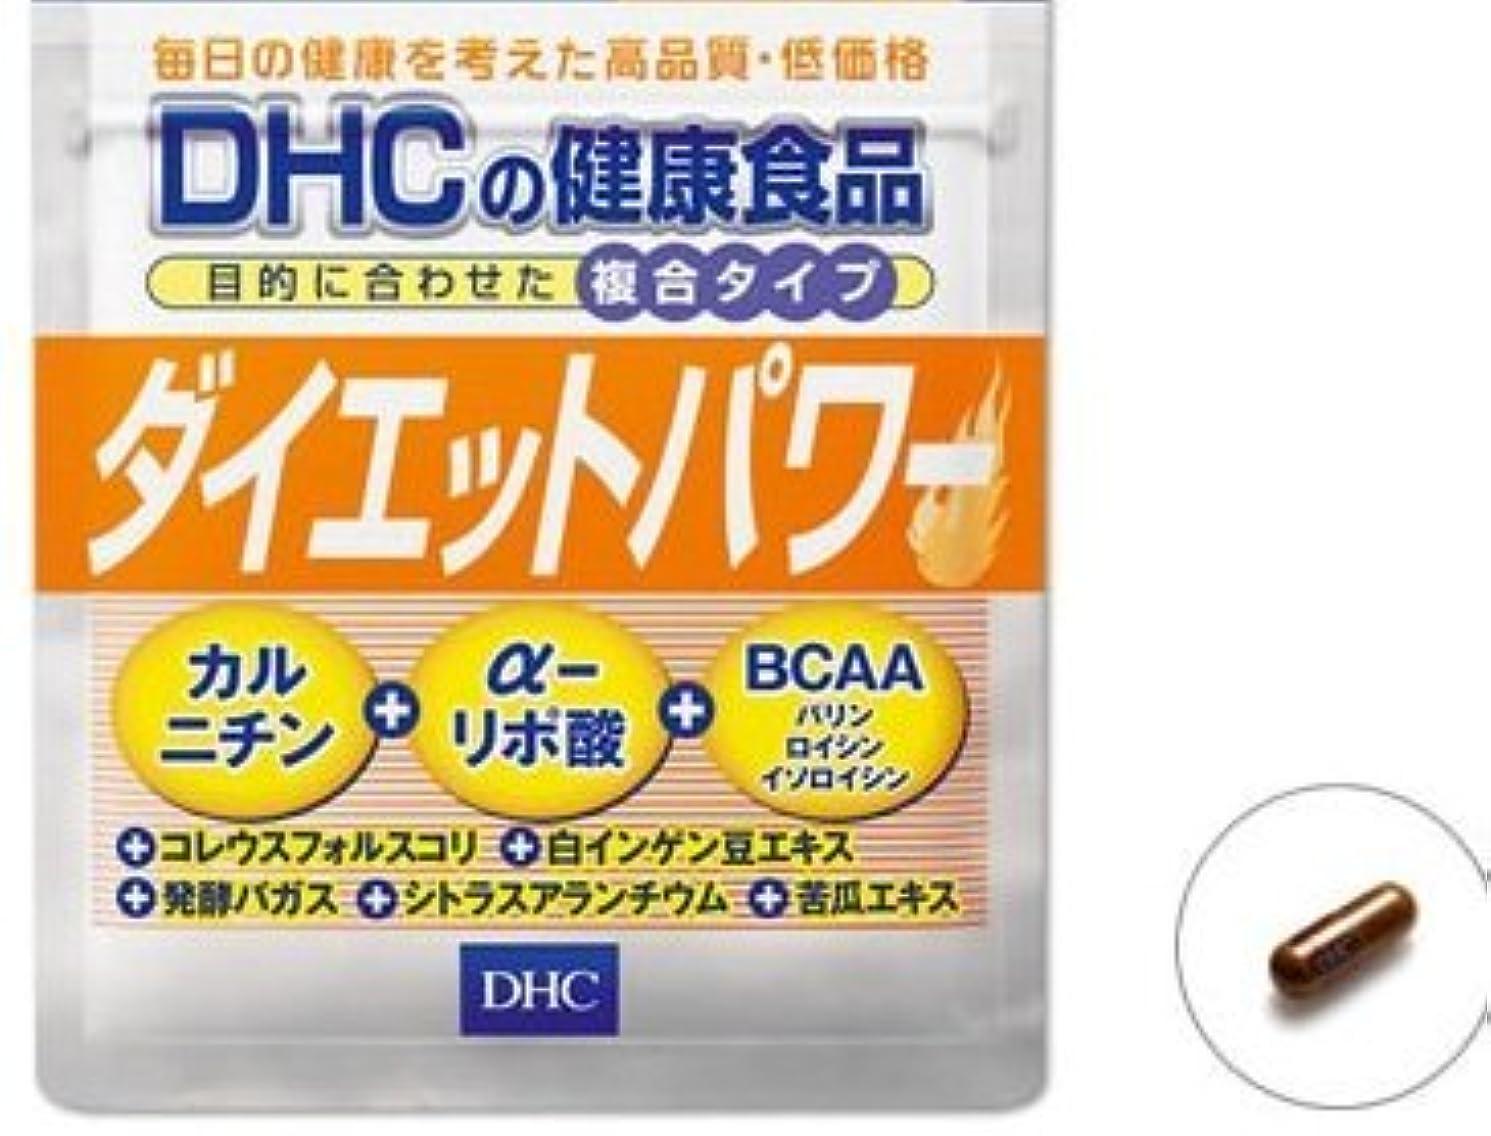 一節抵抗拒絶DHC ダイエットパワー 20日分 × 5セット